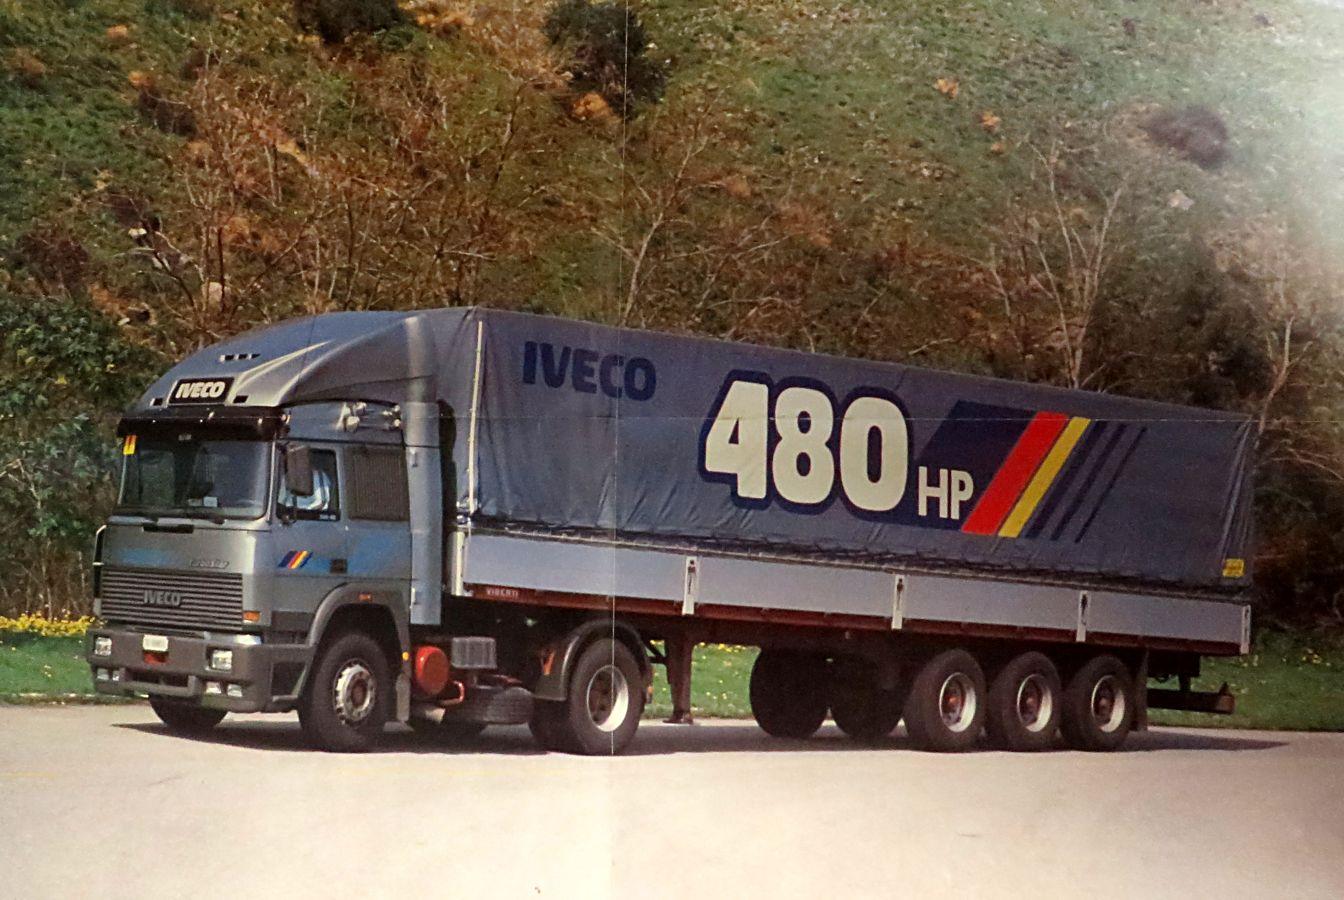 Iveco-480-PK